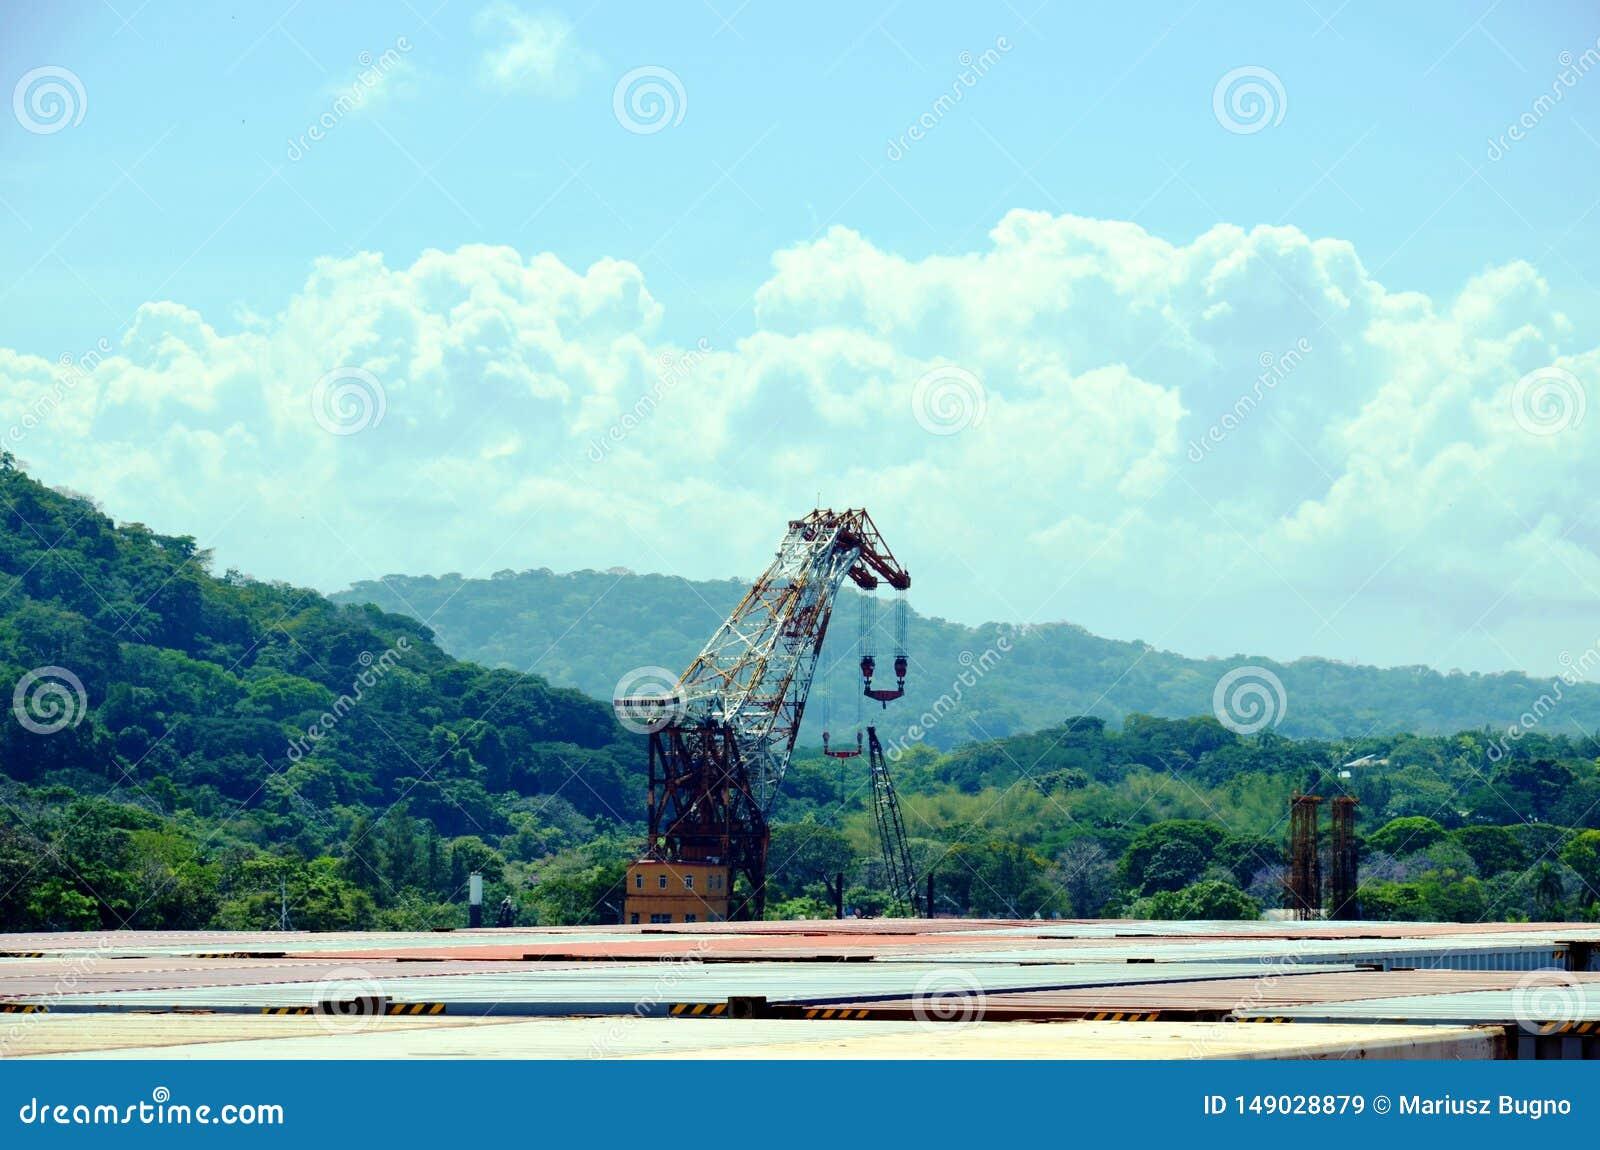 巴拿马运河的风景